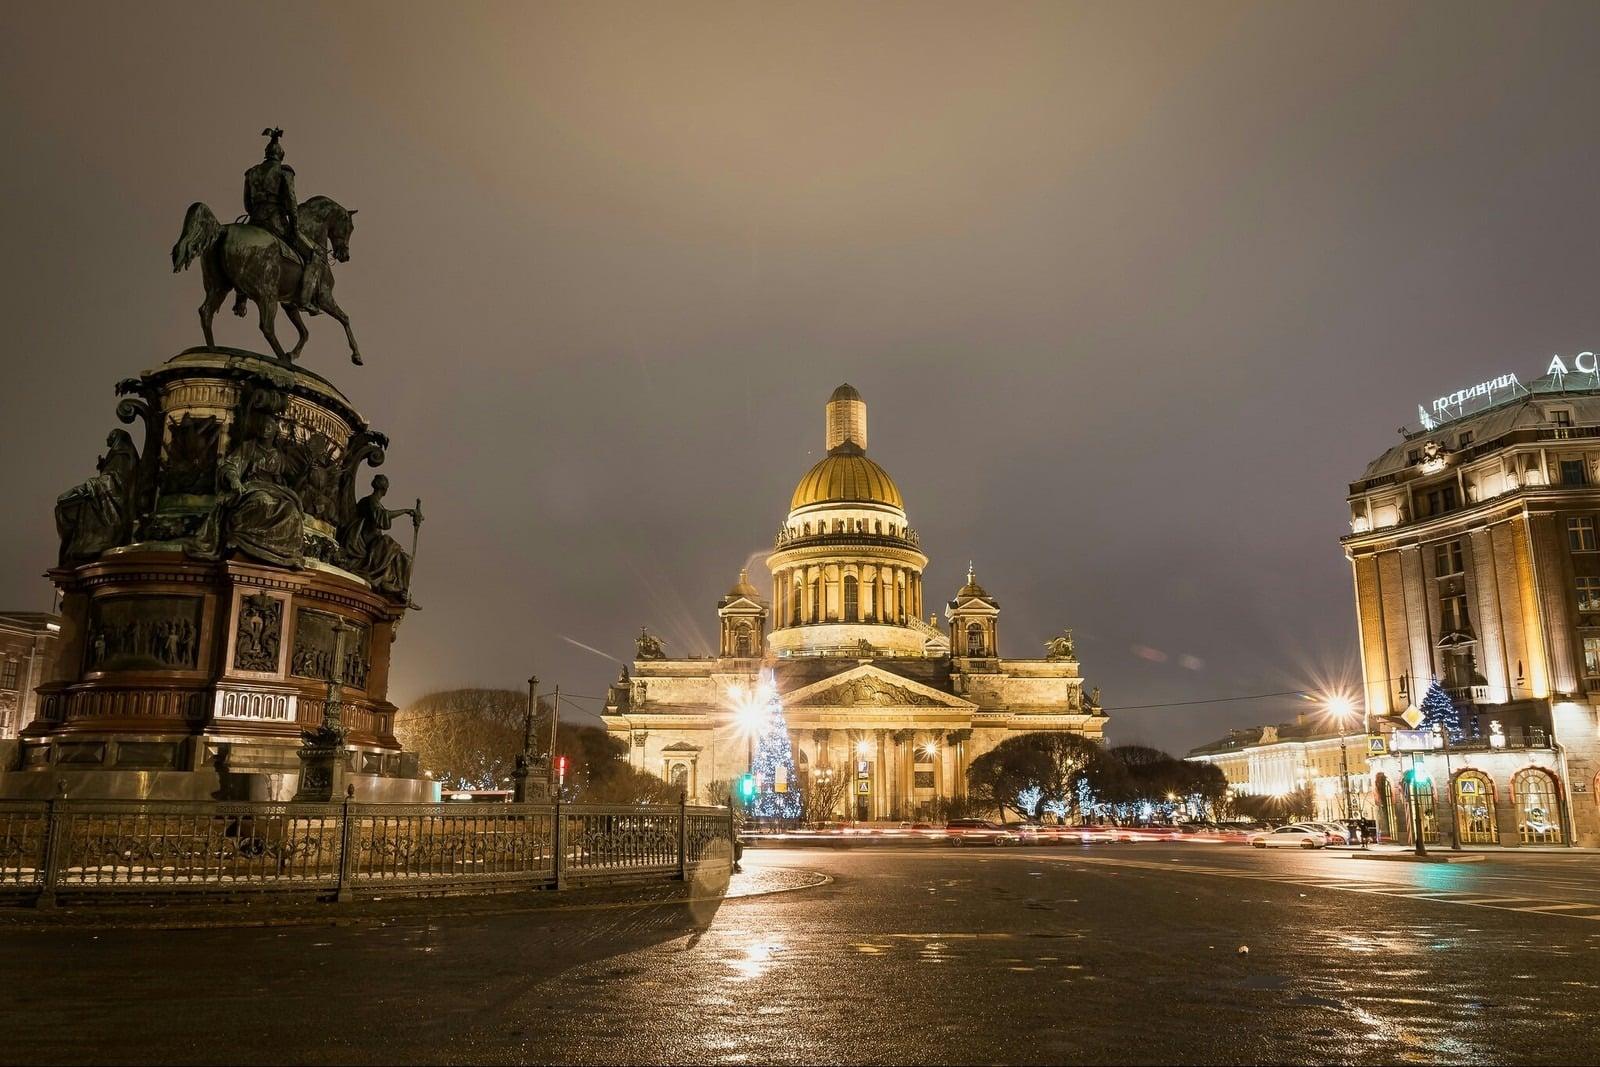 Куда сходить в Санкт-Петербурге в августе 2019: необычные заведения, фестивали и выставки